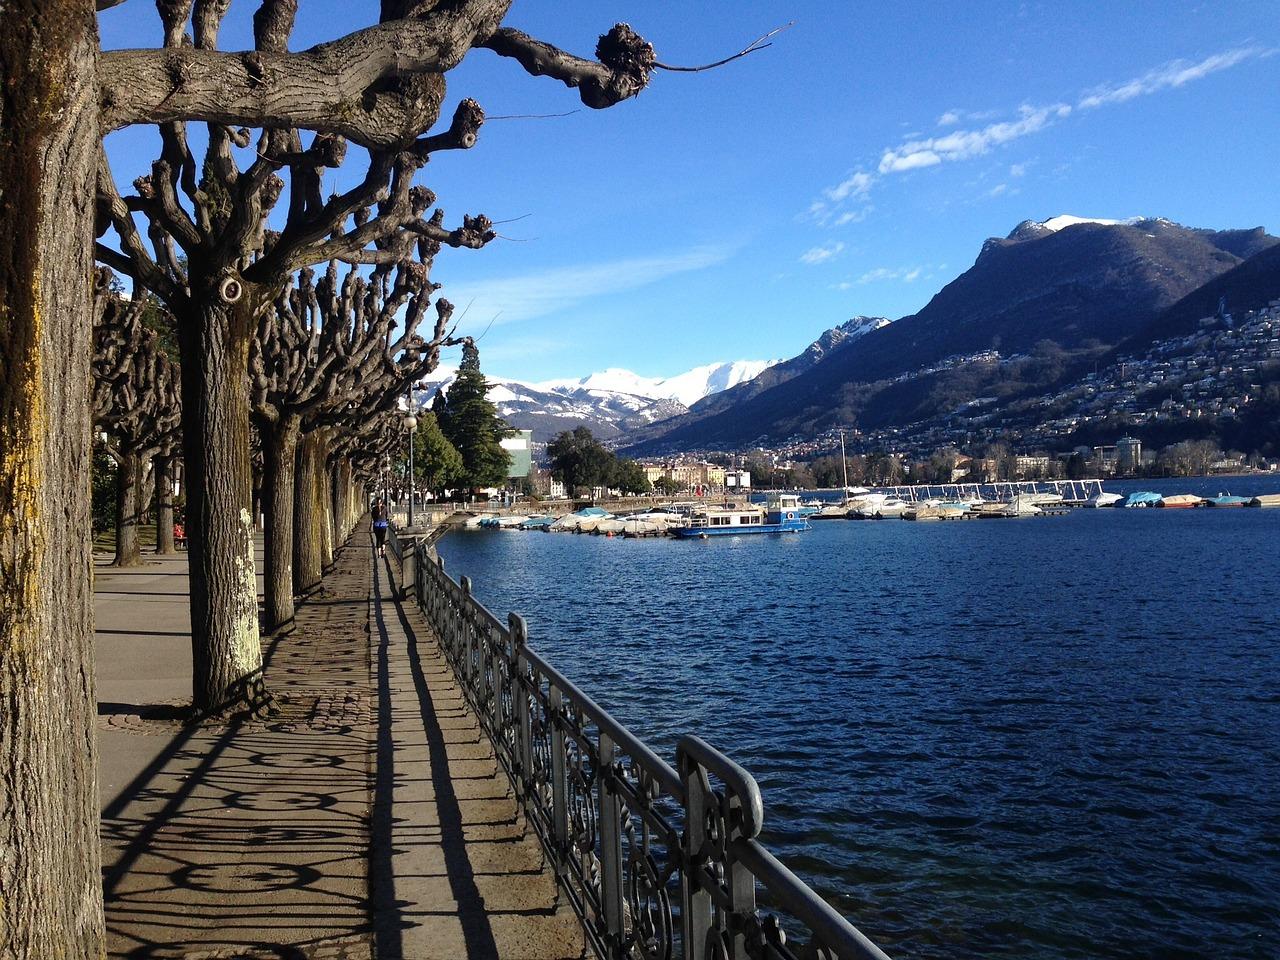 Lugano - Promenade am See